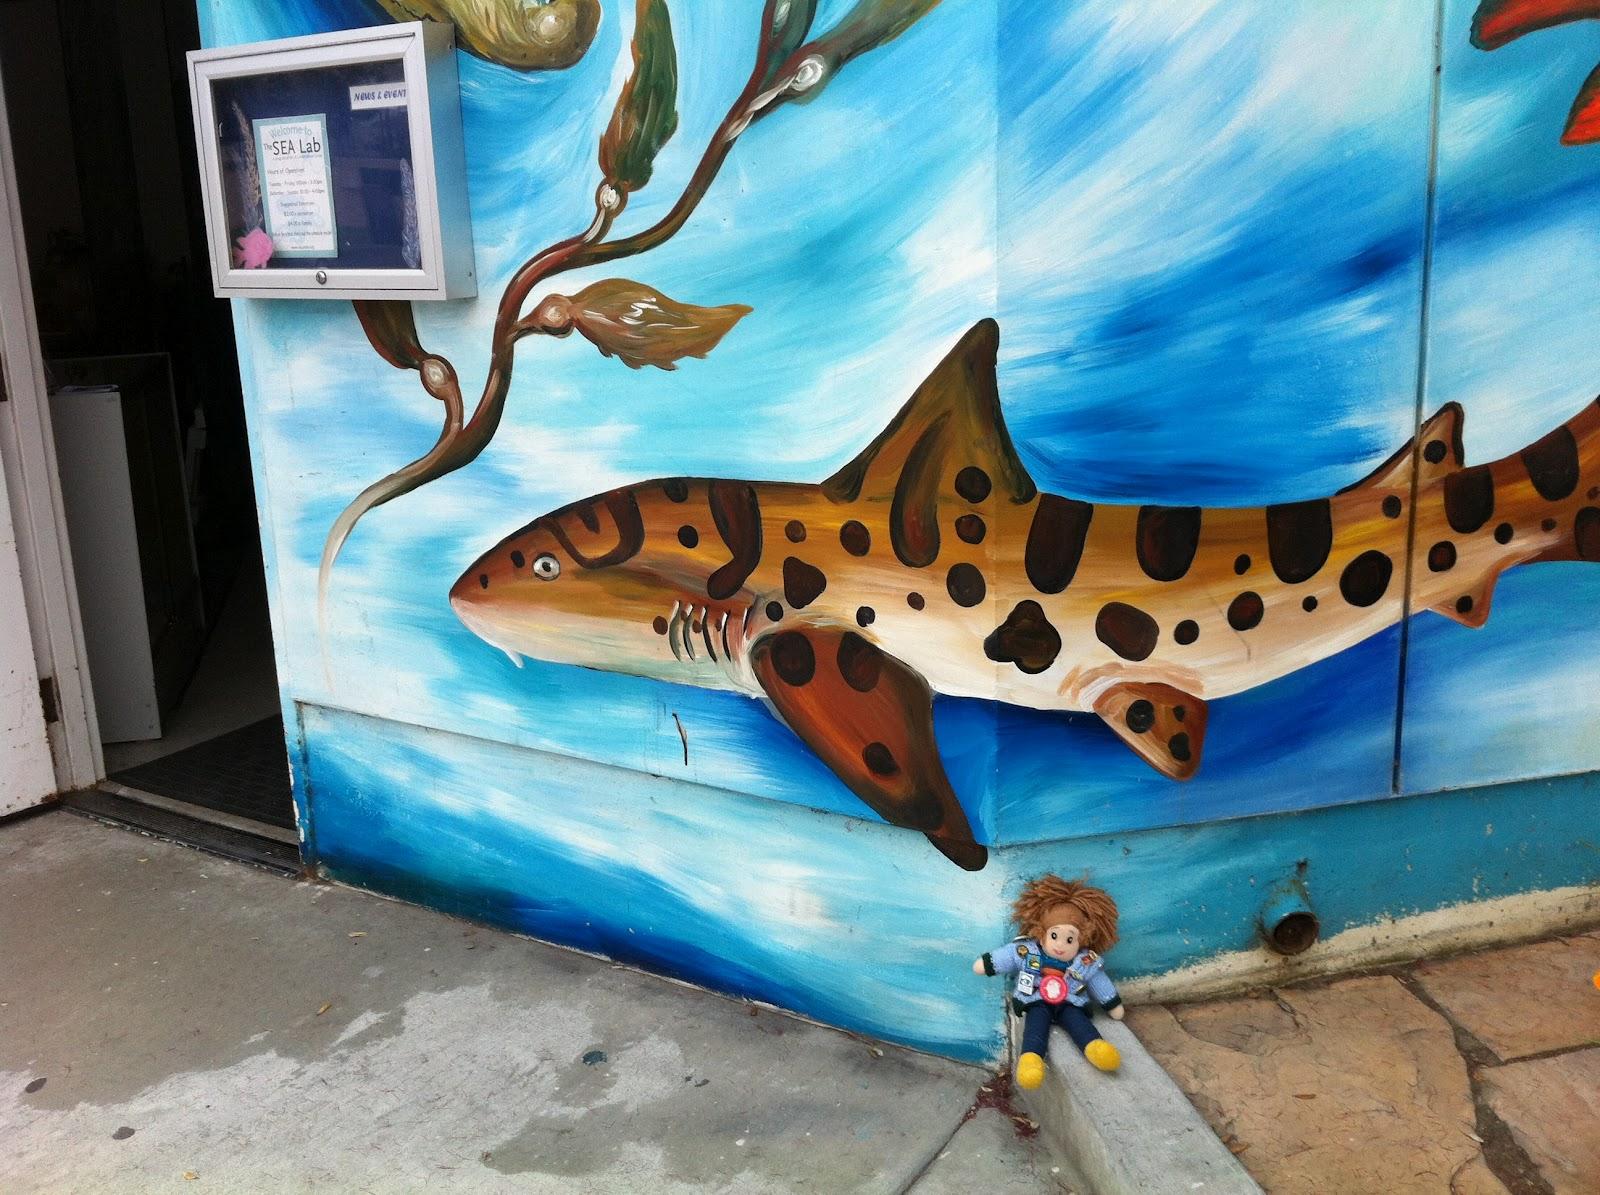 Sea Lab In Redondo Beach